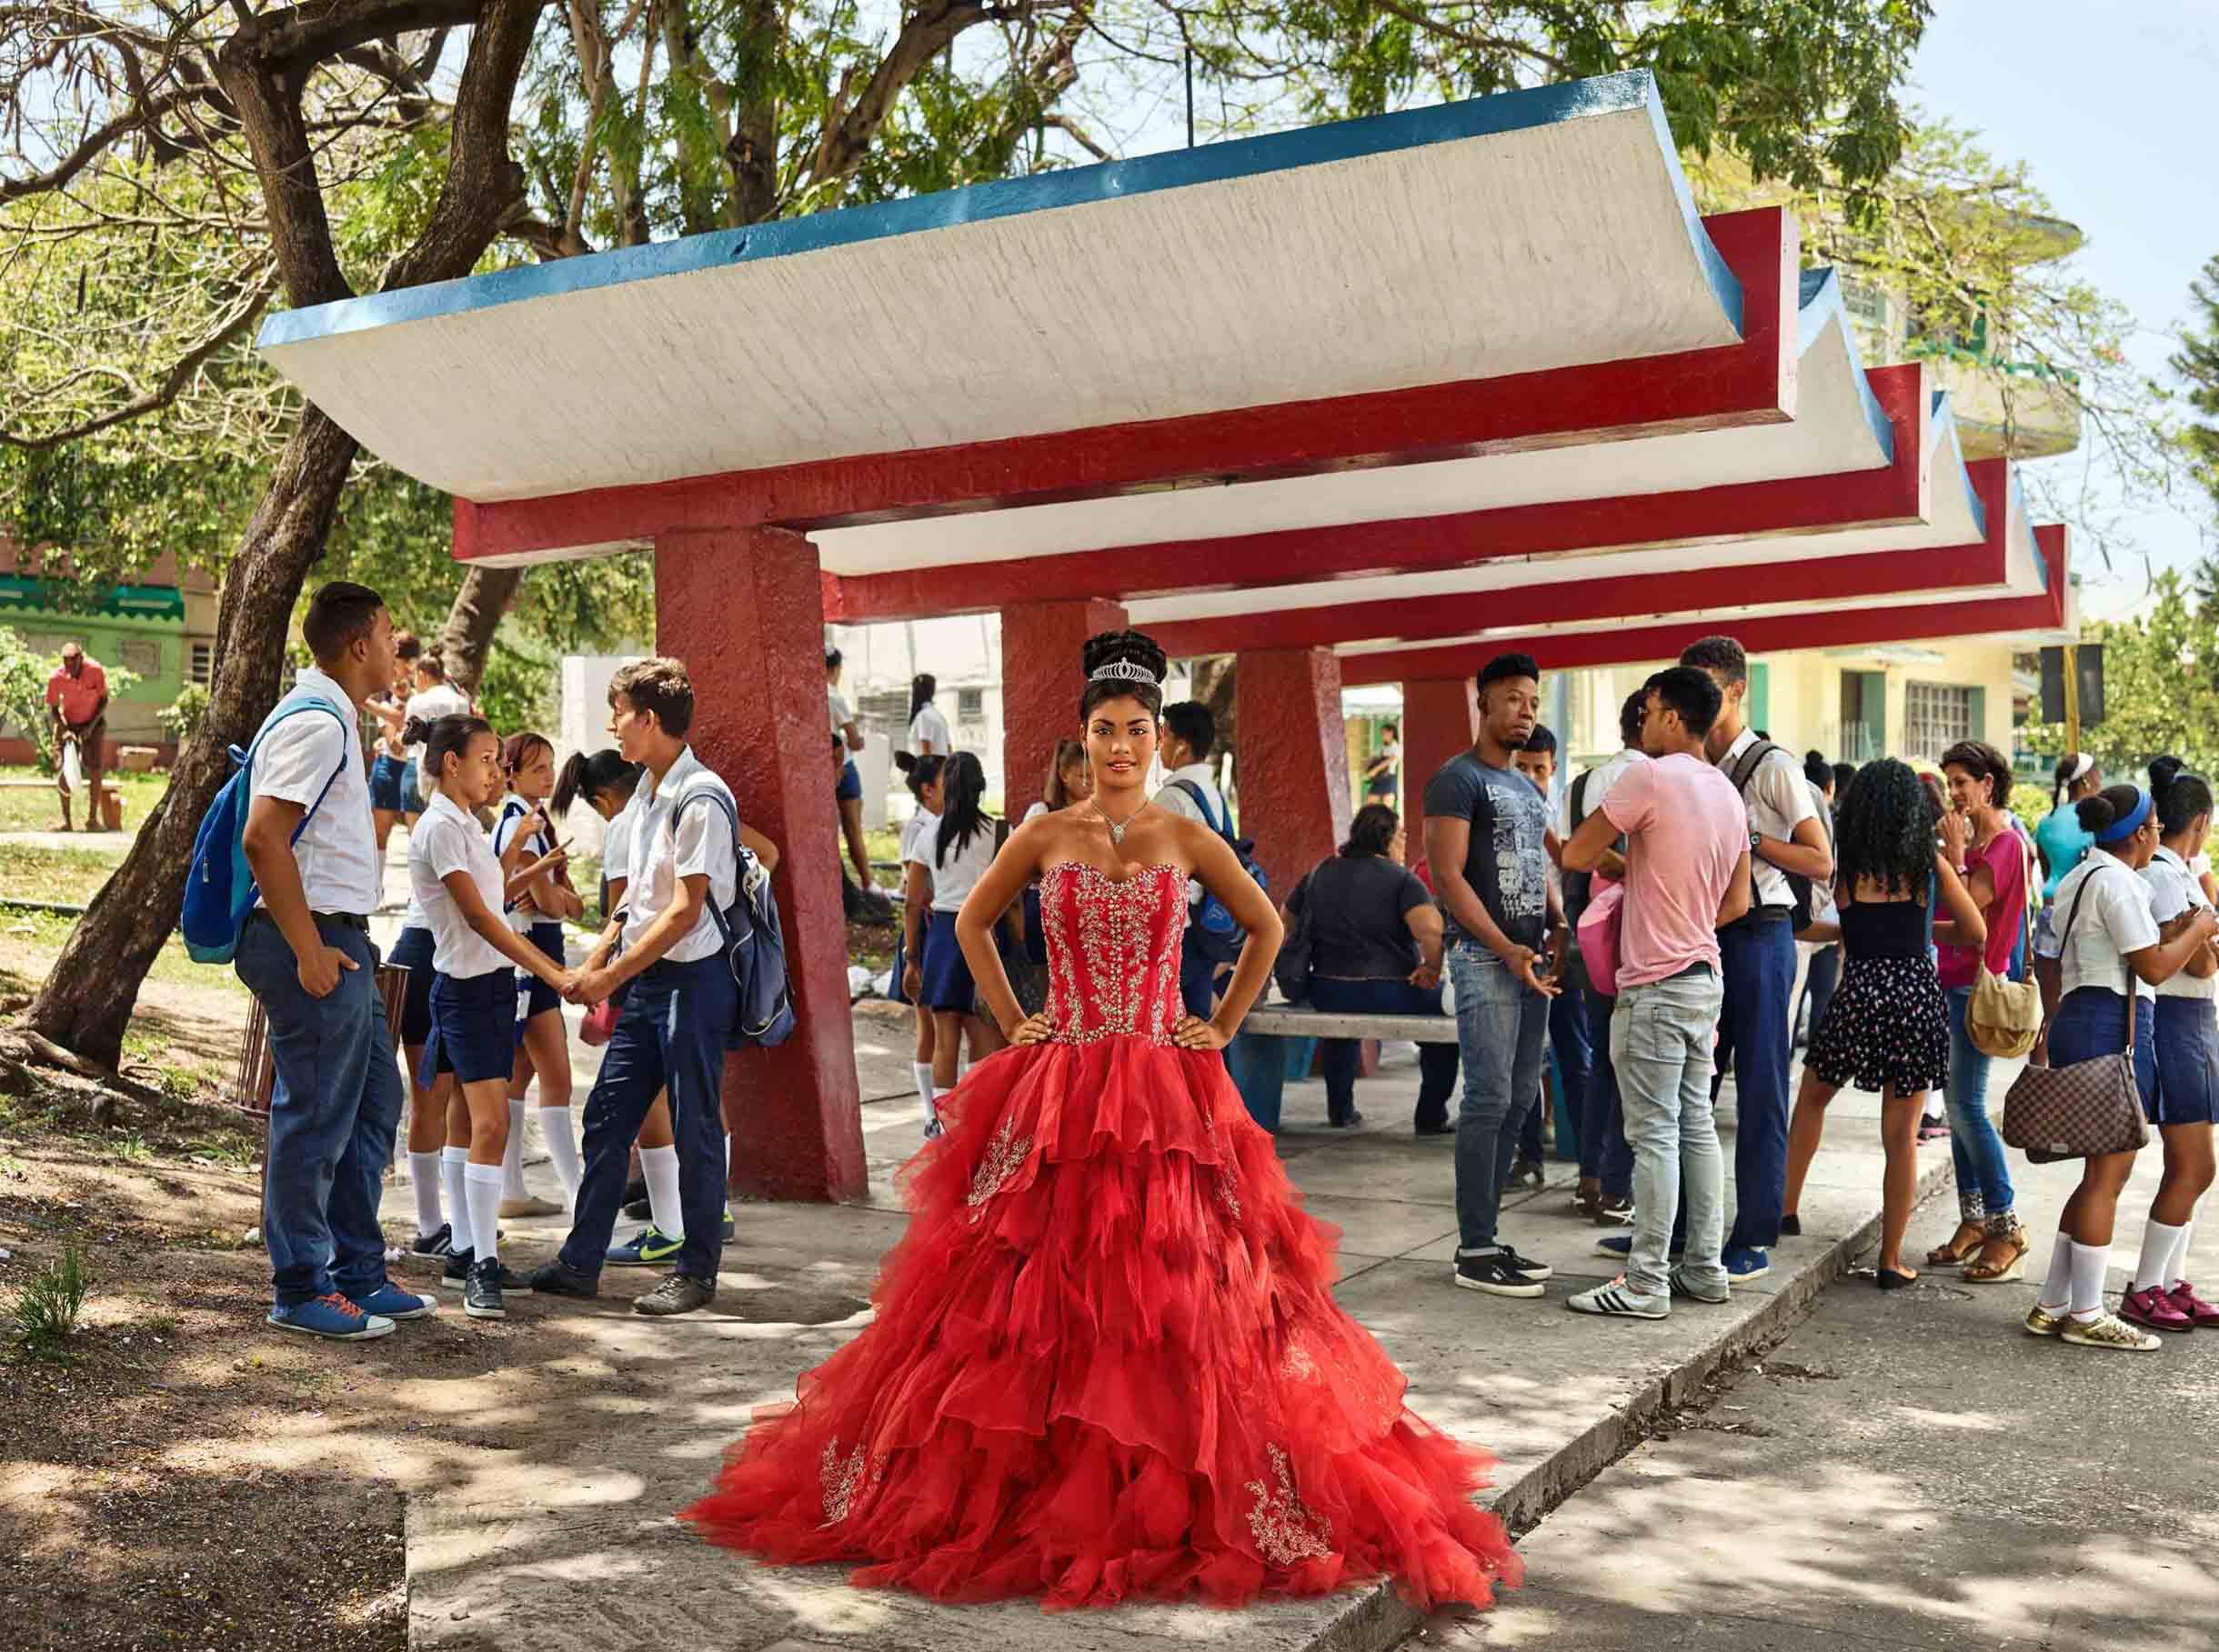 Frank Thiel, Arlett Acosta Fajardo, La Habana, Marianao, Santa Felicia, 2016, Courtesy the artist and BlainSouthern